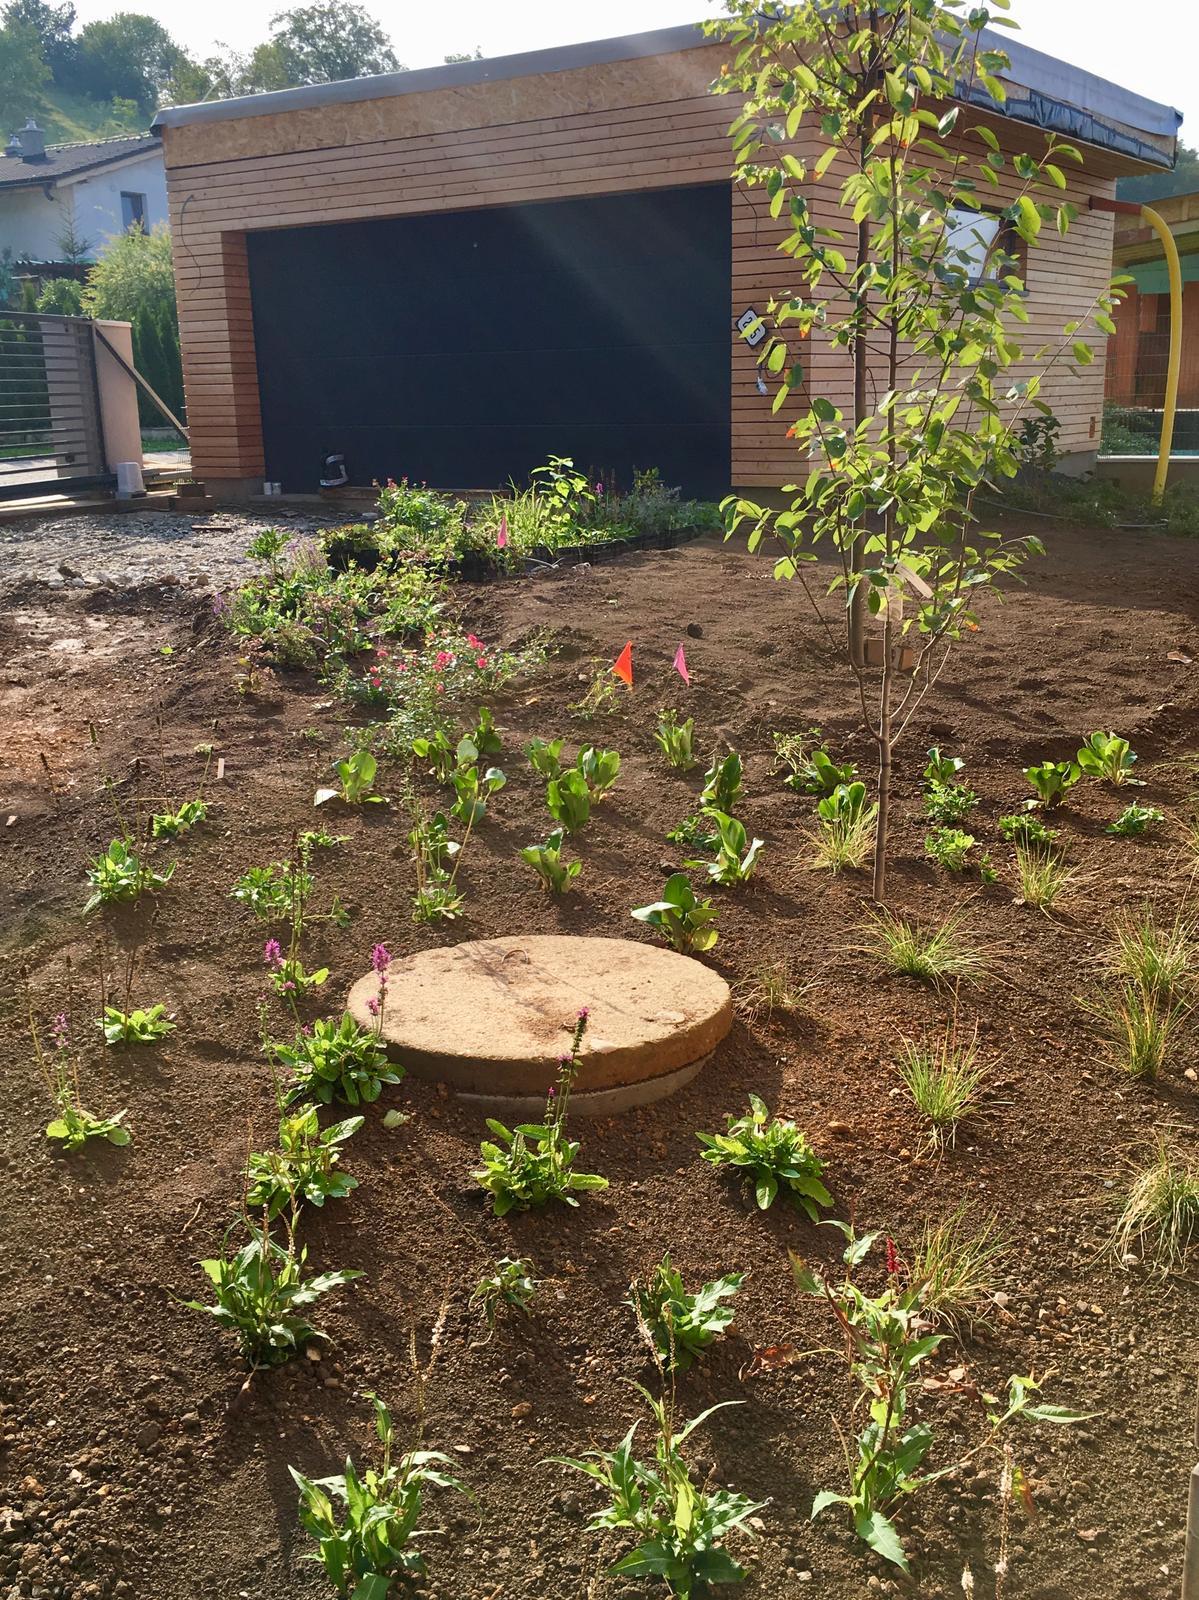 Záhrada v starom sade - Táto časť s muchovníkom a lipou sa mi zatiaľ najviac páči.